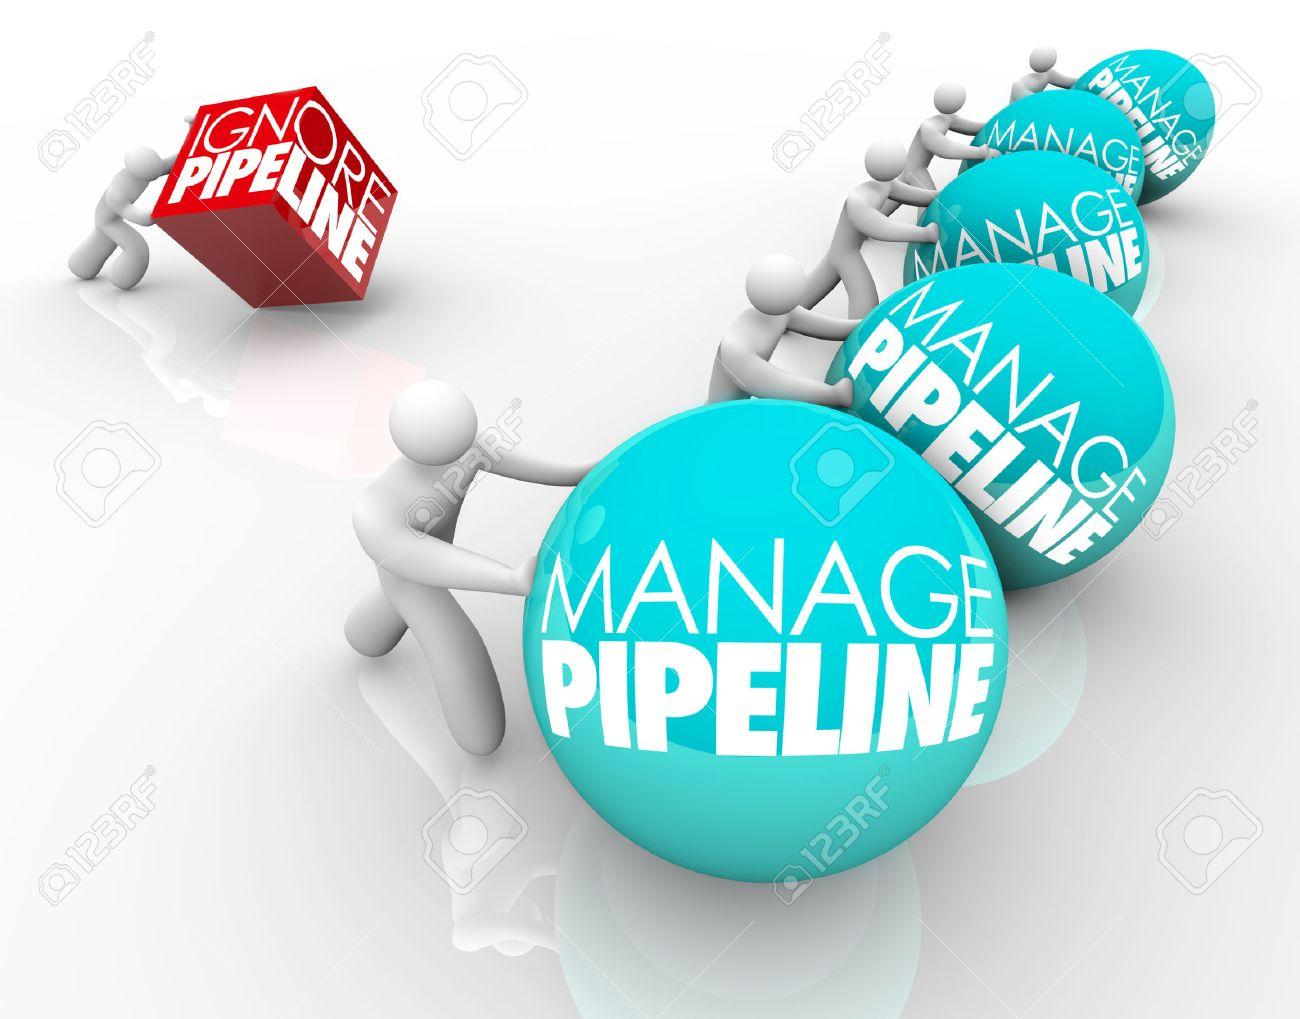 Verwalten Pipeline Worte Auf Kugeln Durch Den Gewinn Geschäftsleute ...